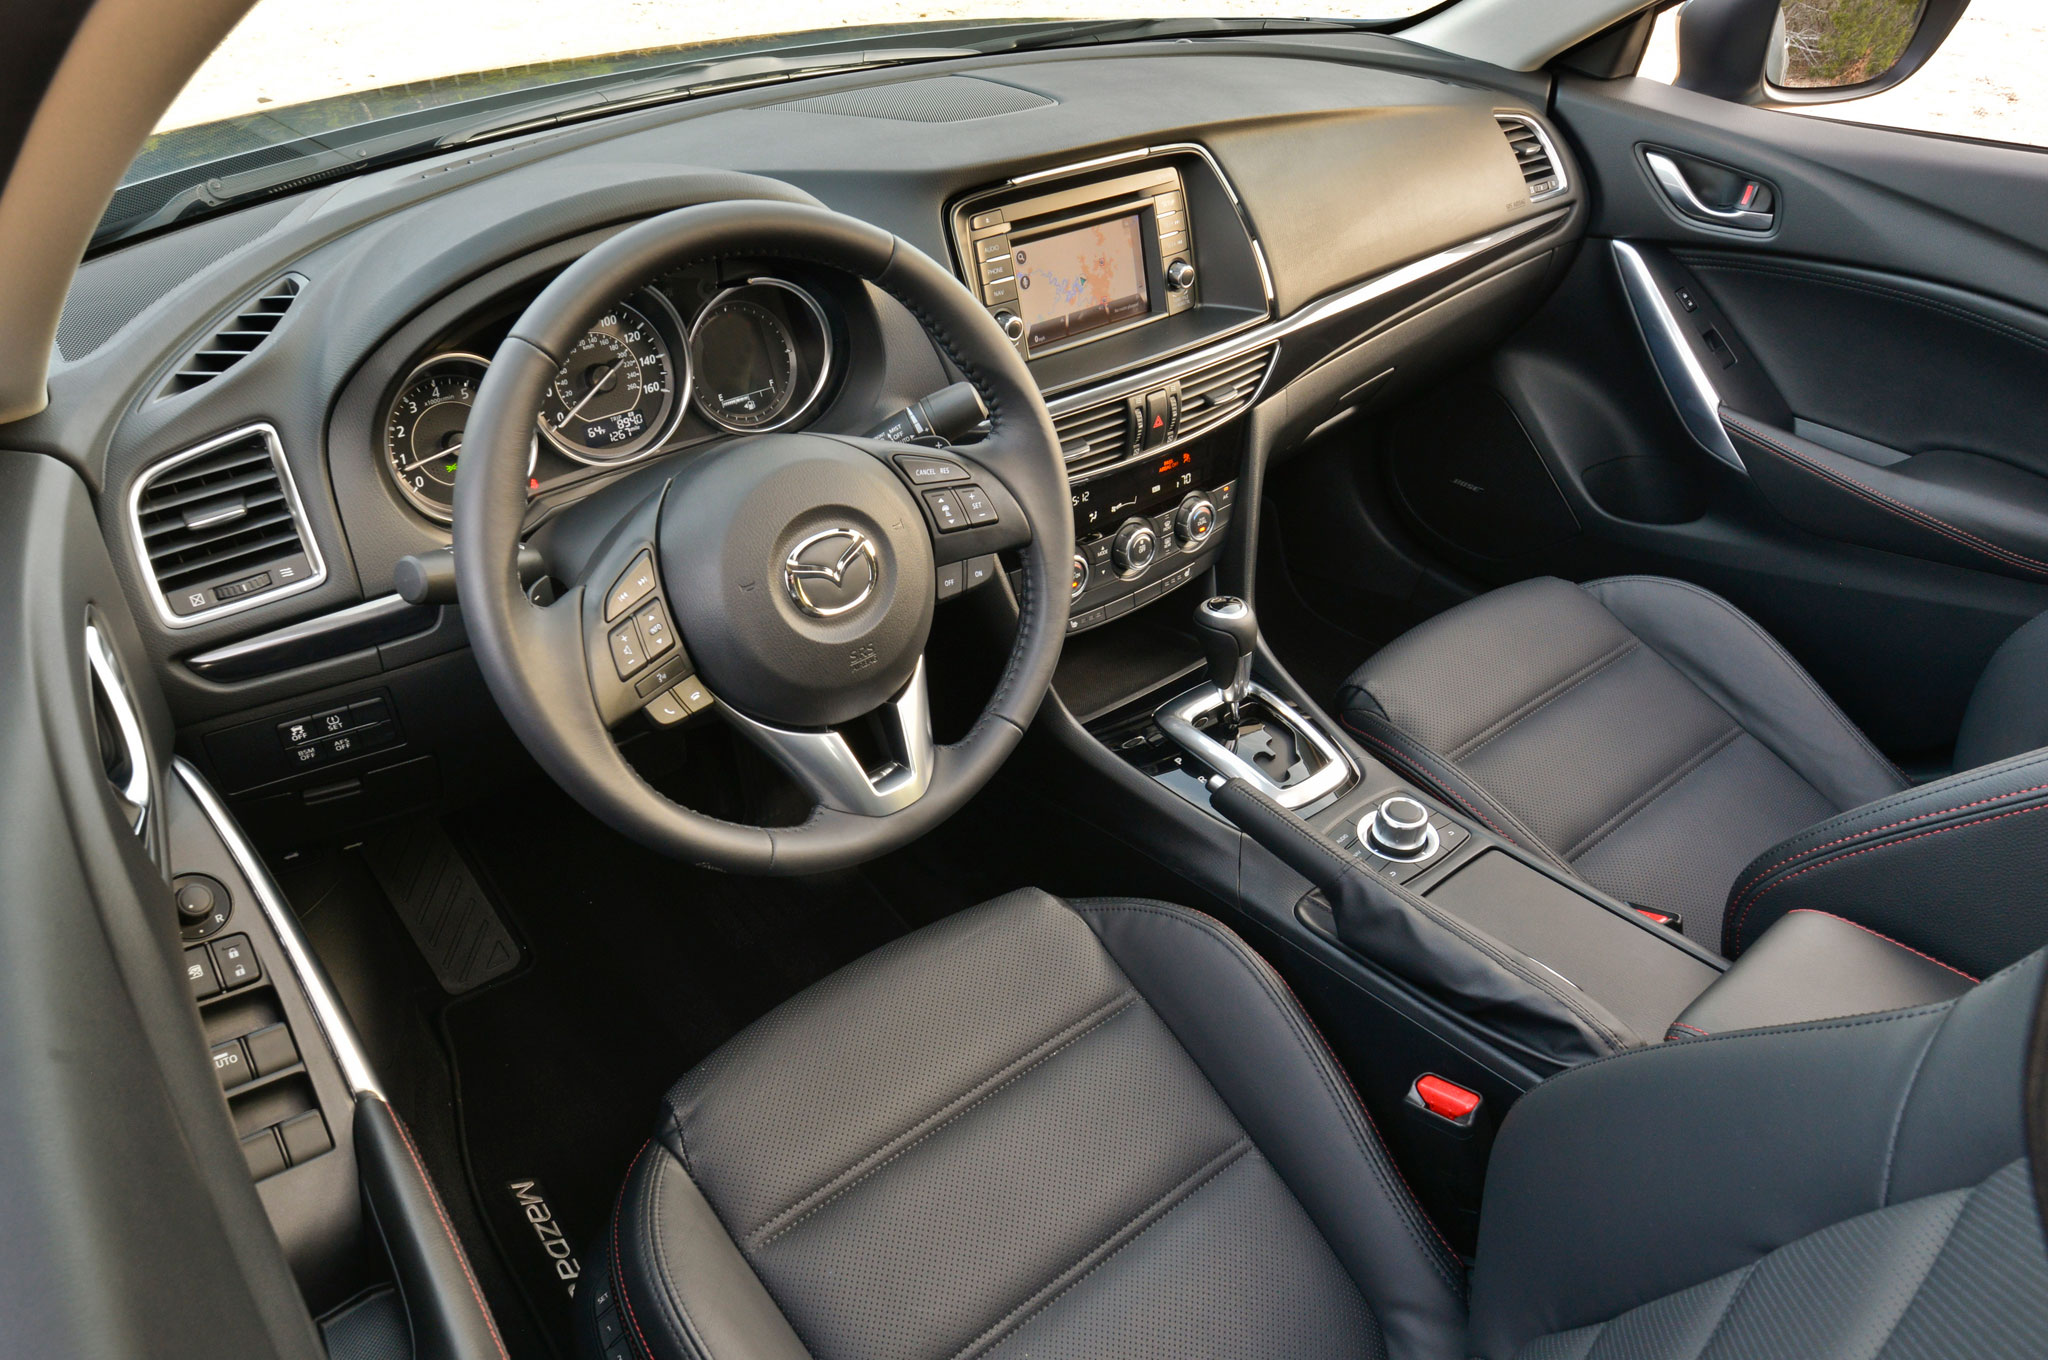 report mazda 6 coupe in the works rh automobilemag com Mazda 6 Interior Mazda 6 Interior